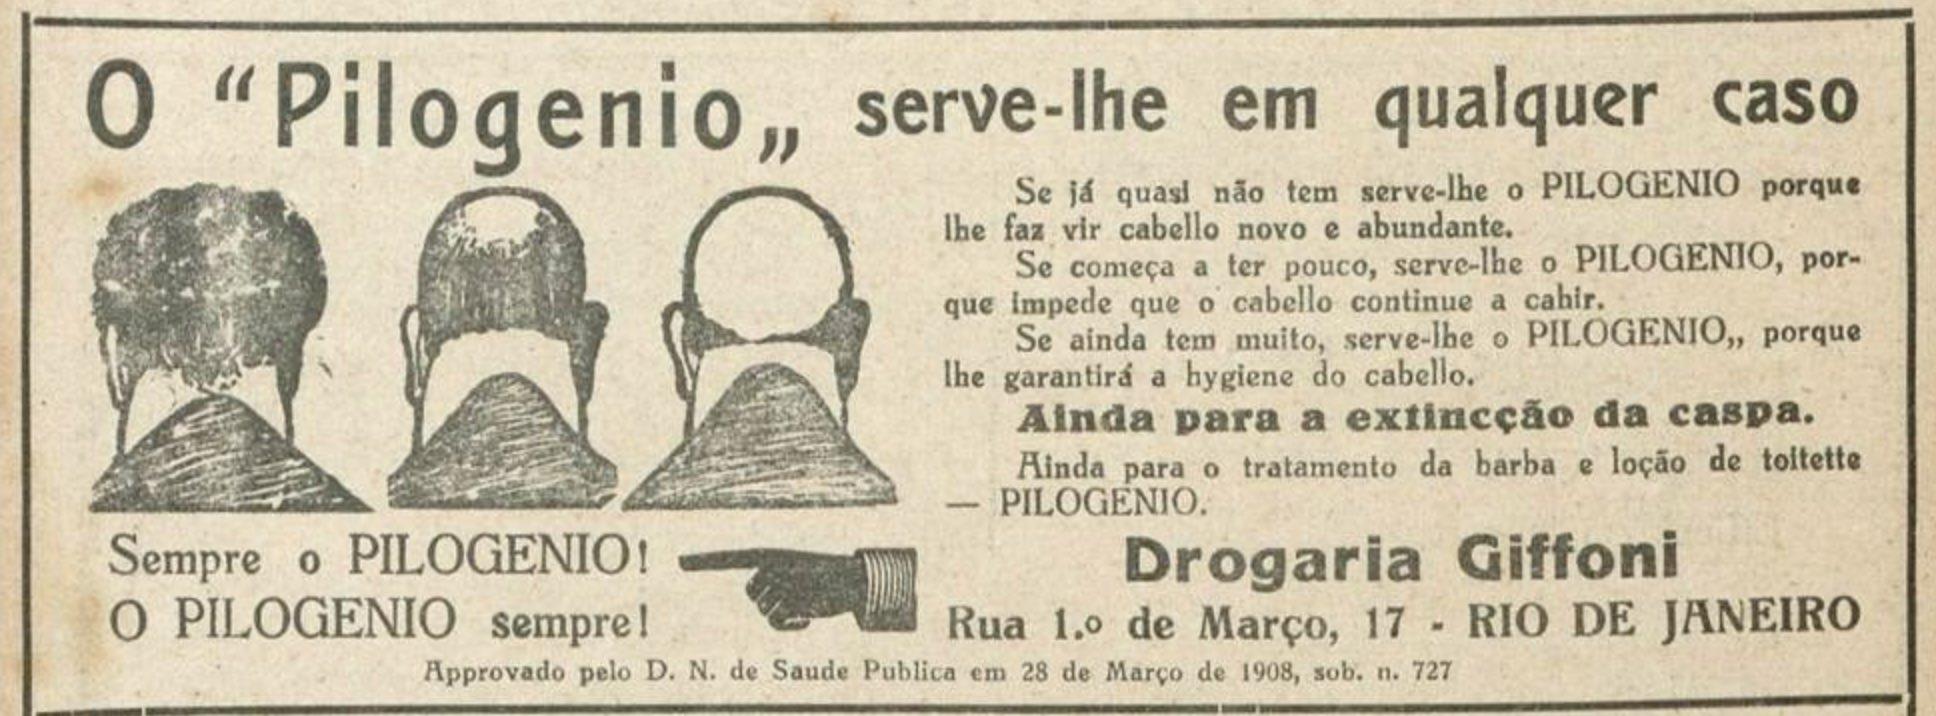 Propaganda antiga do tônico capilar Pilogênio em 1925